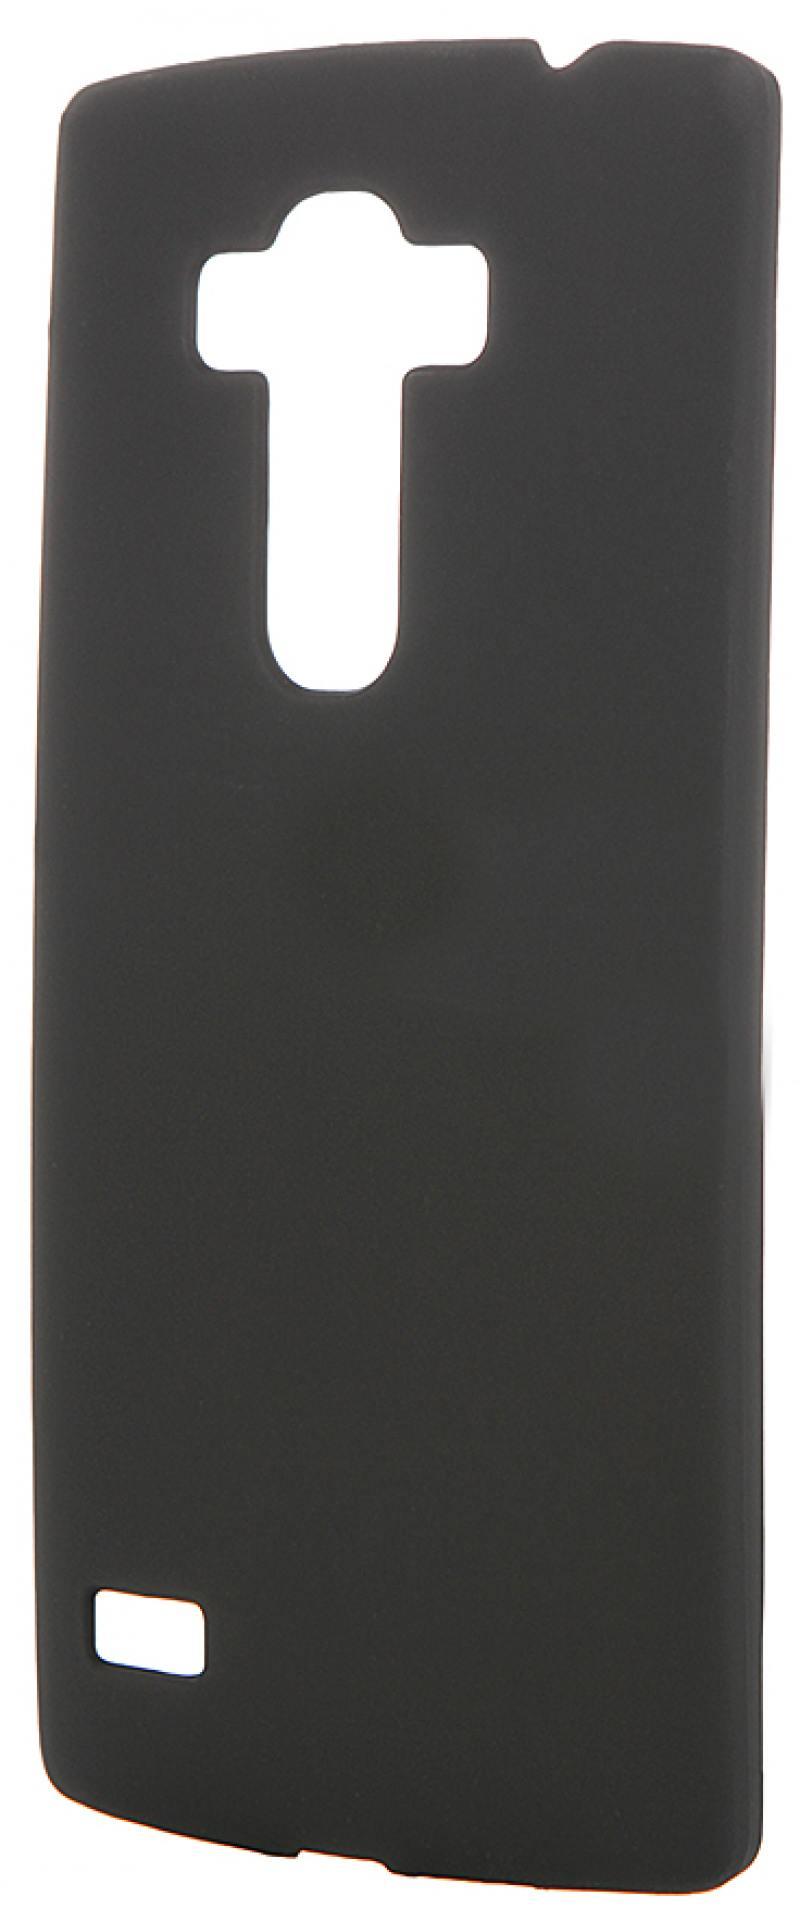 Чехол-накладка для LG G4S Pulsar CLIPCASE PC Soft-Touch Black клип-кейс, пластик цена и фото